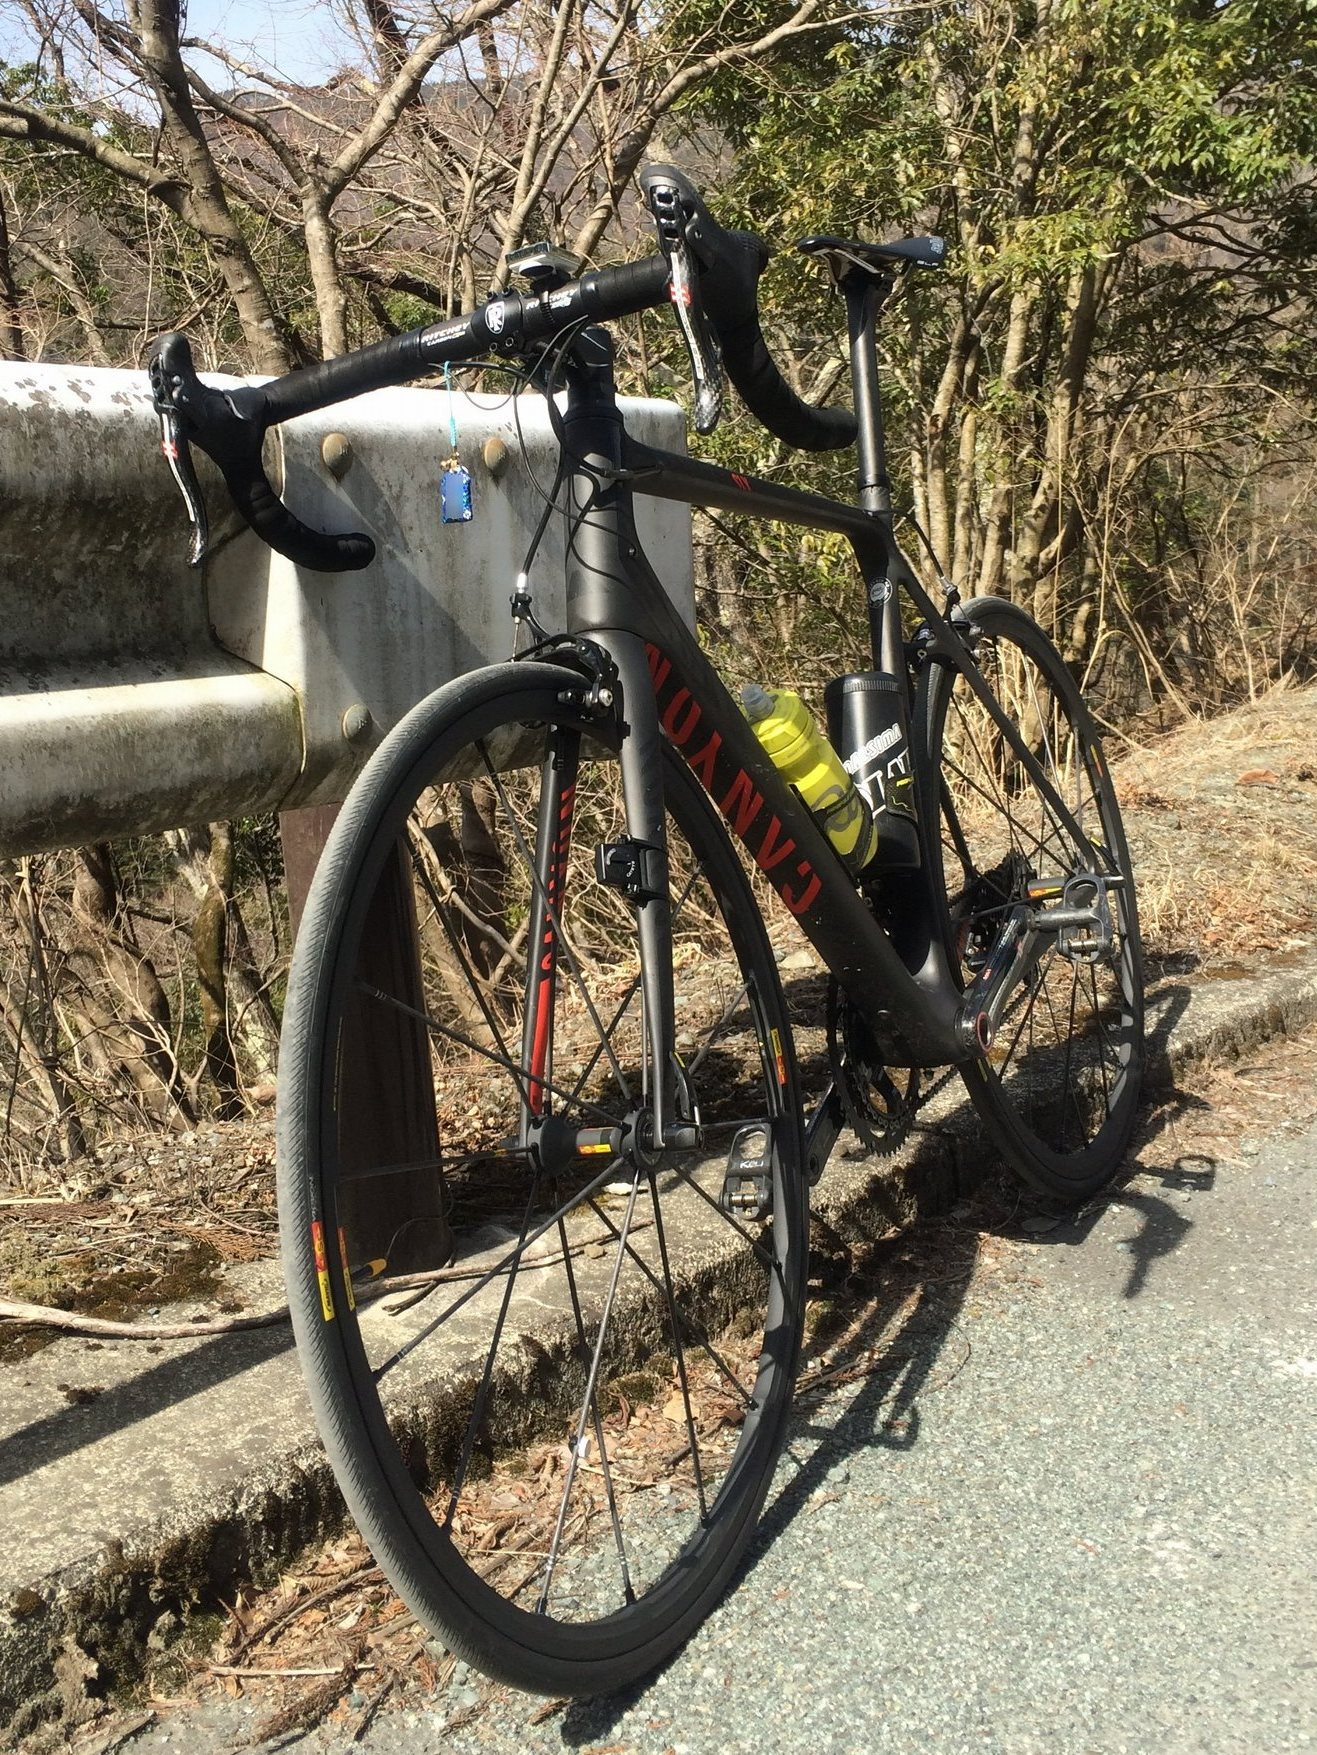 久しぶりに130kmライド(尾根幹→道志みち) with Canyon Ultimate CF SLX